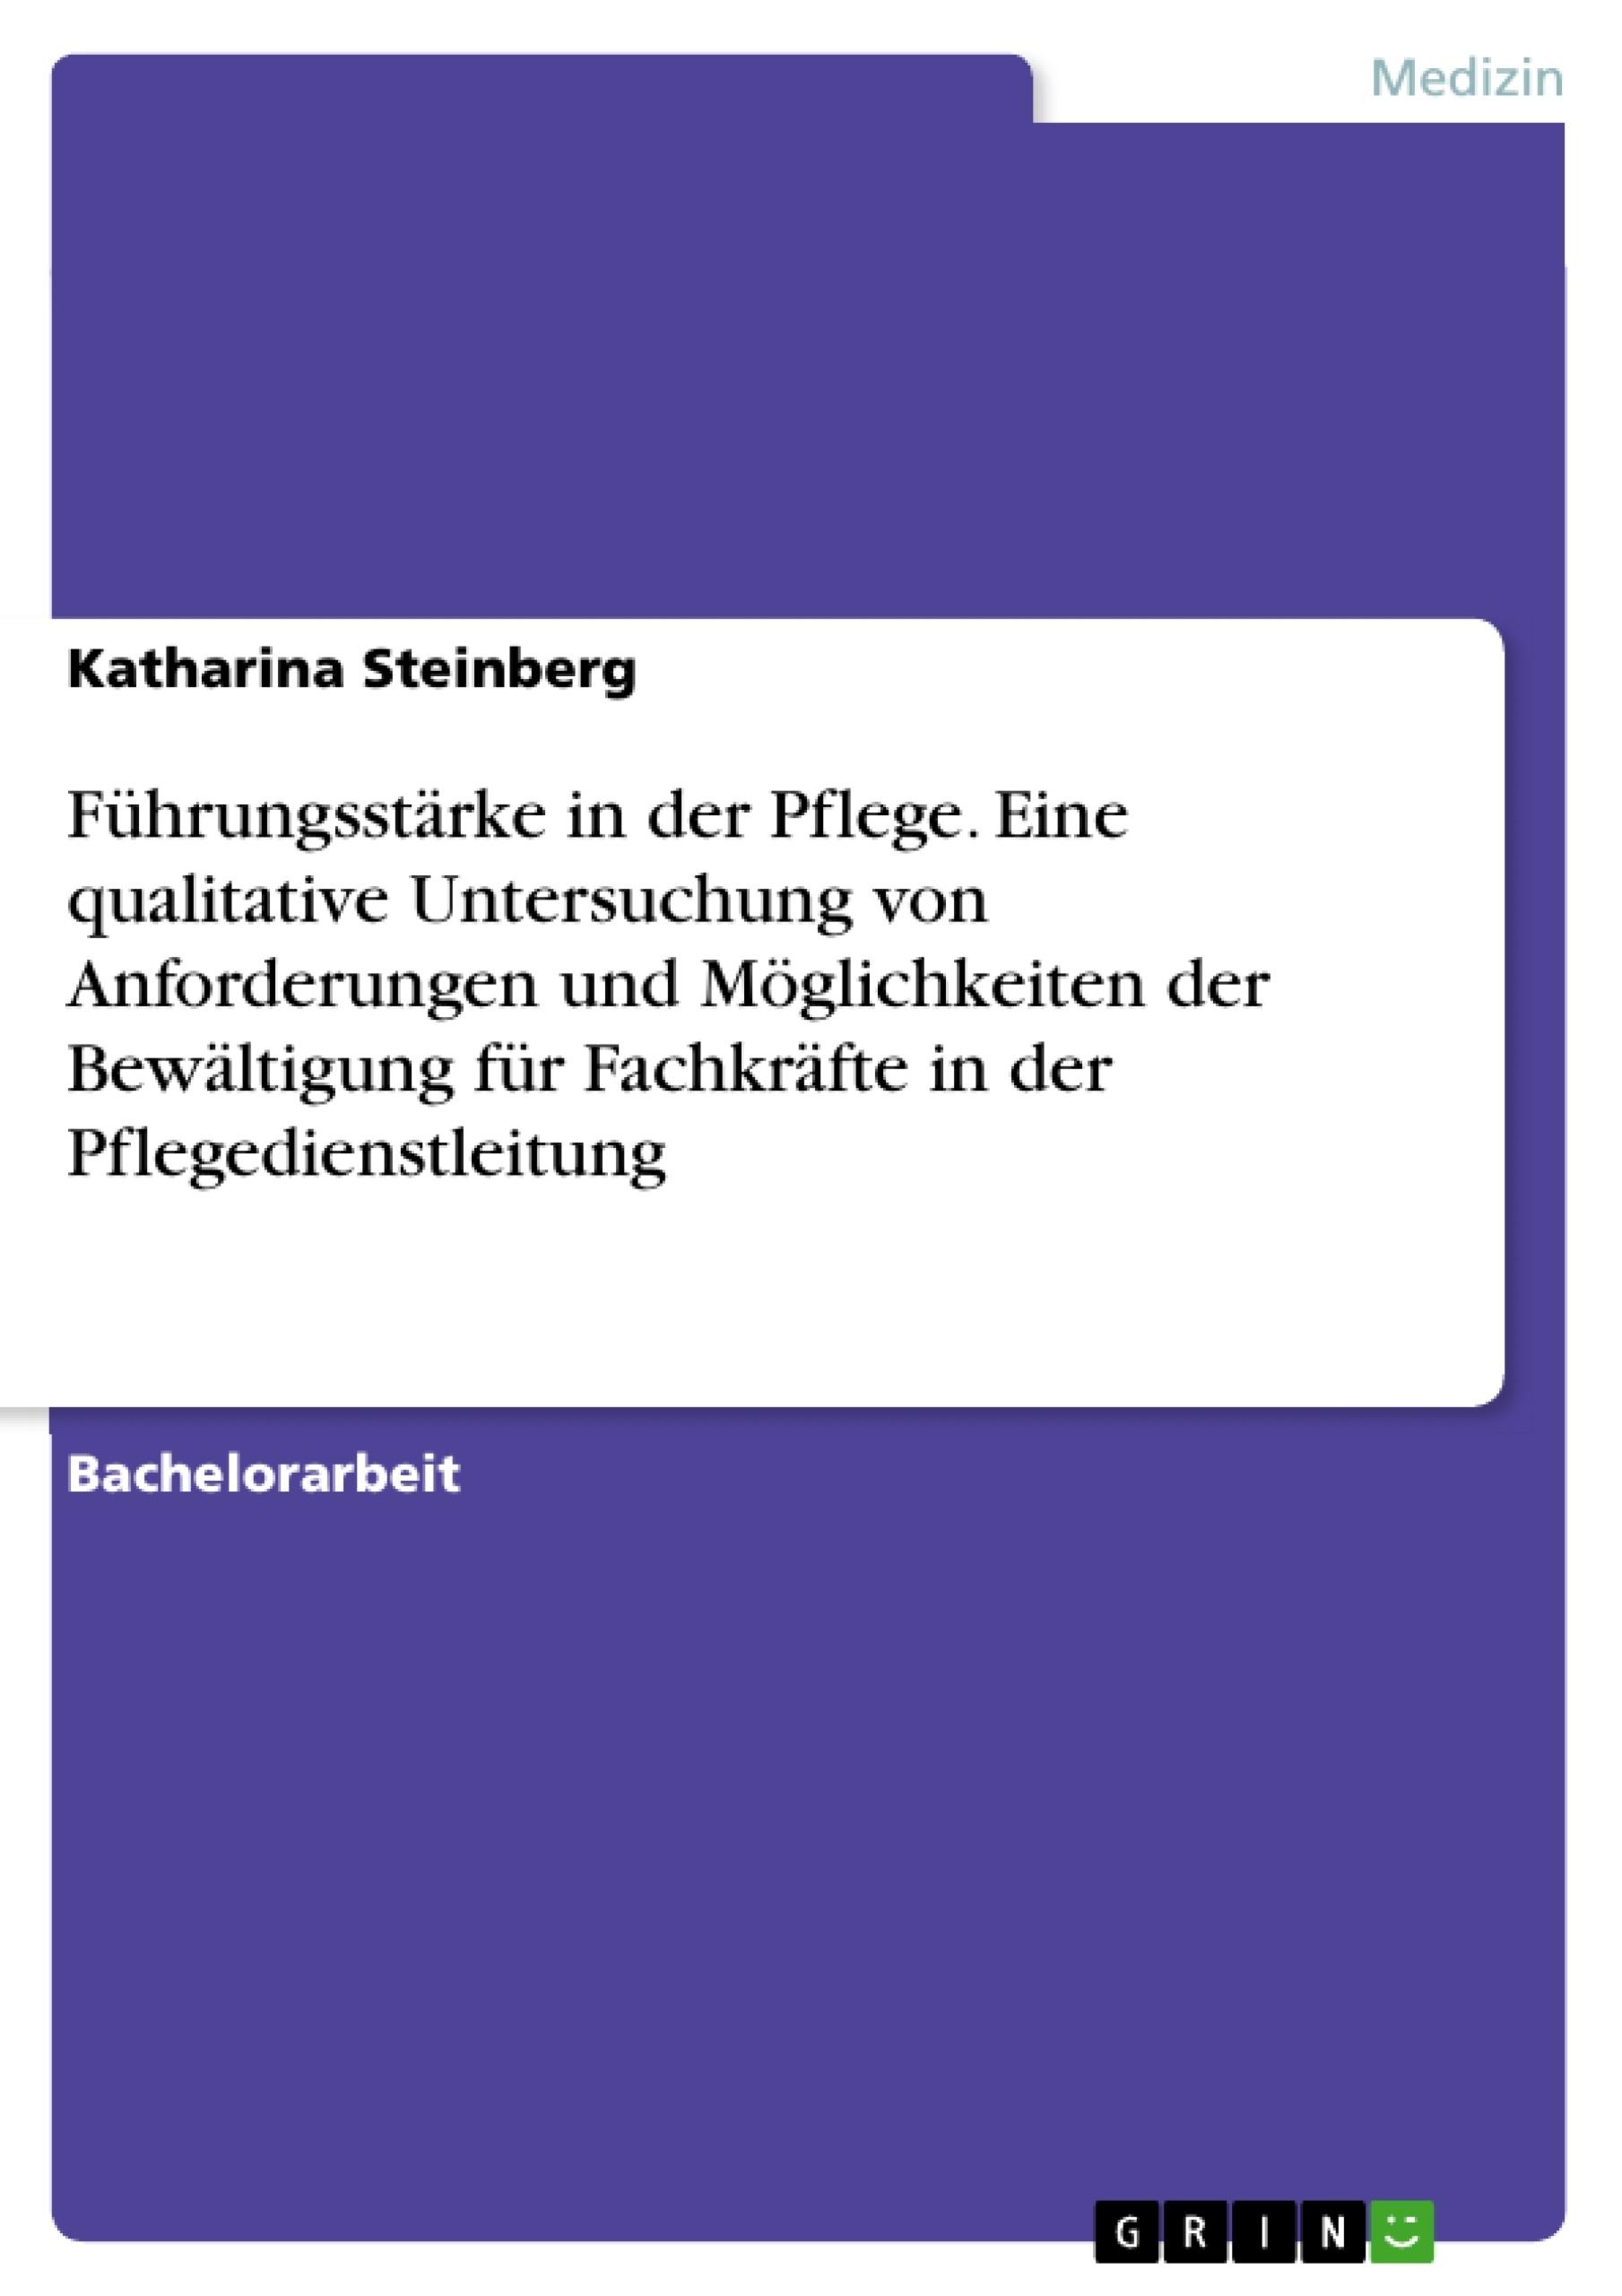 Titel: Führungsstärke in der Pflege. Eine qualitative Untersuchung von Anforderungen und Möglichkeiten der Bewältigung für Fachkräfte in der Pflegedienstleitung